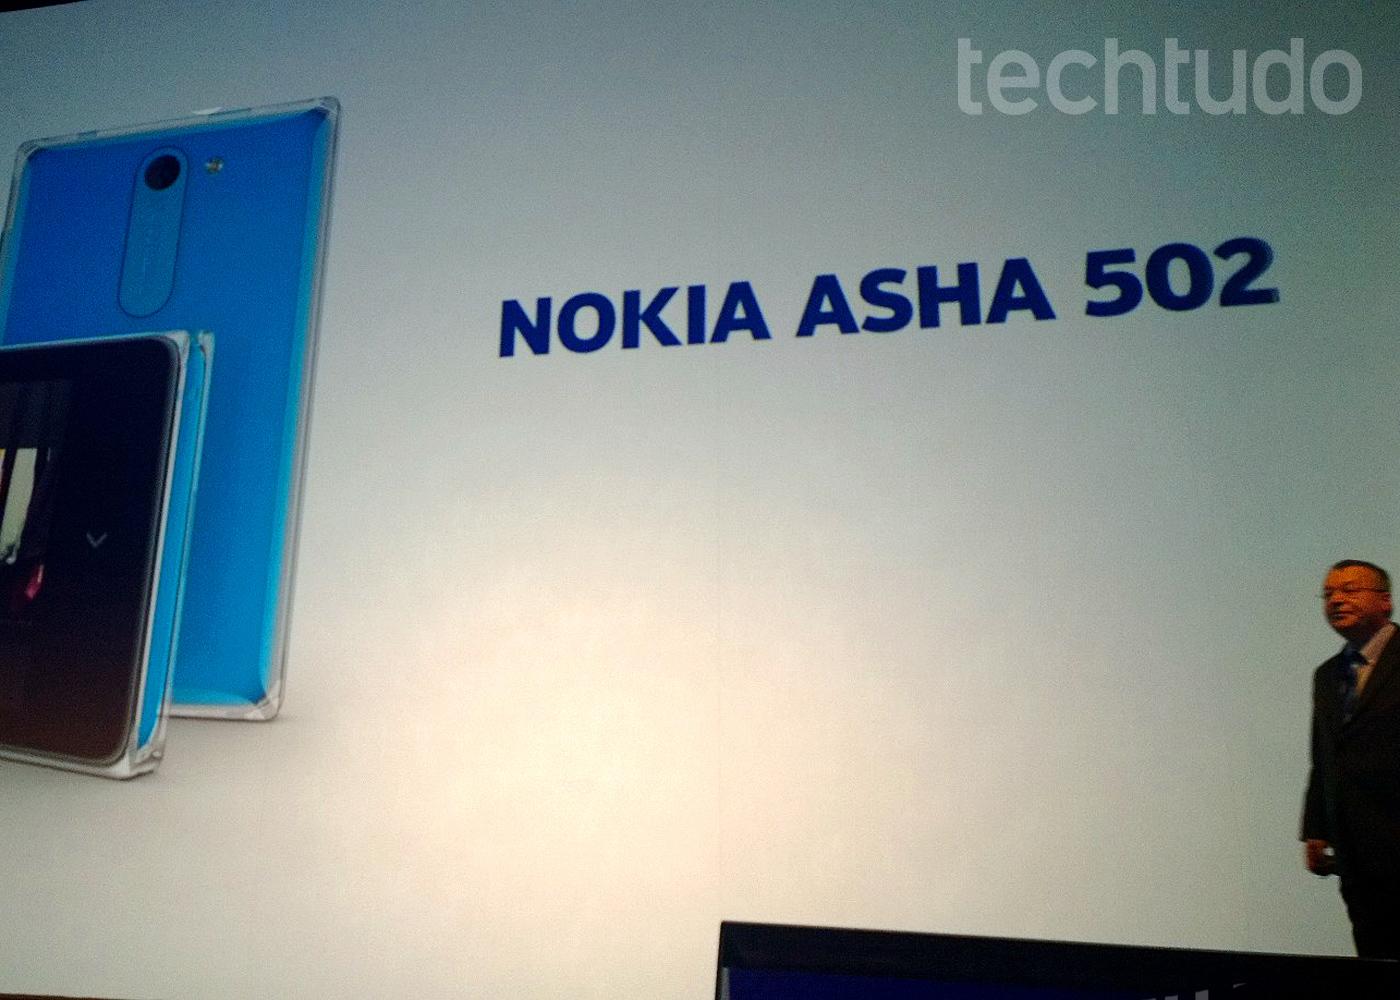 Asha 502, novo celular de entrada da Nokia (Foto: Allan Melo / TechTudo)